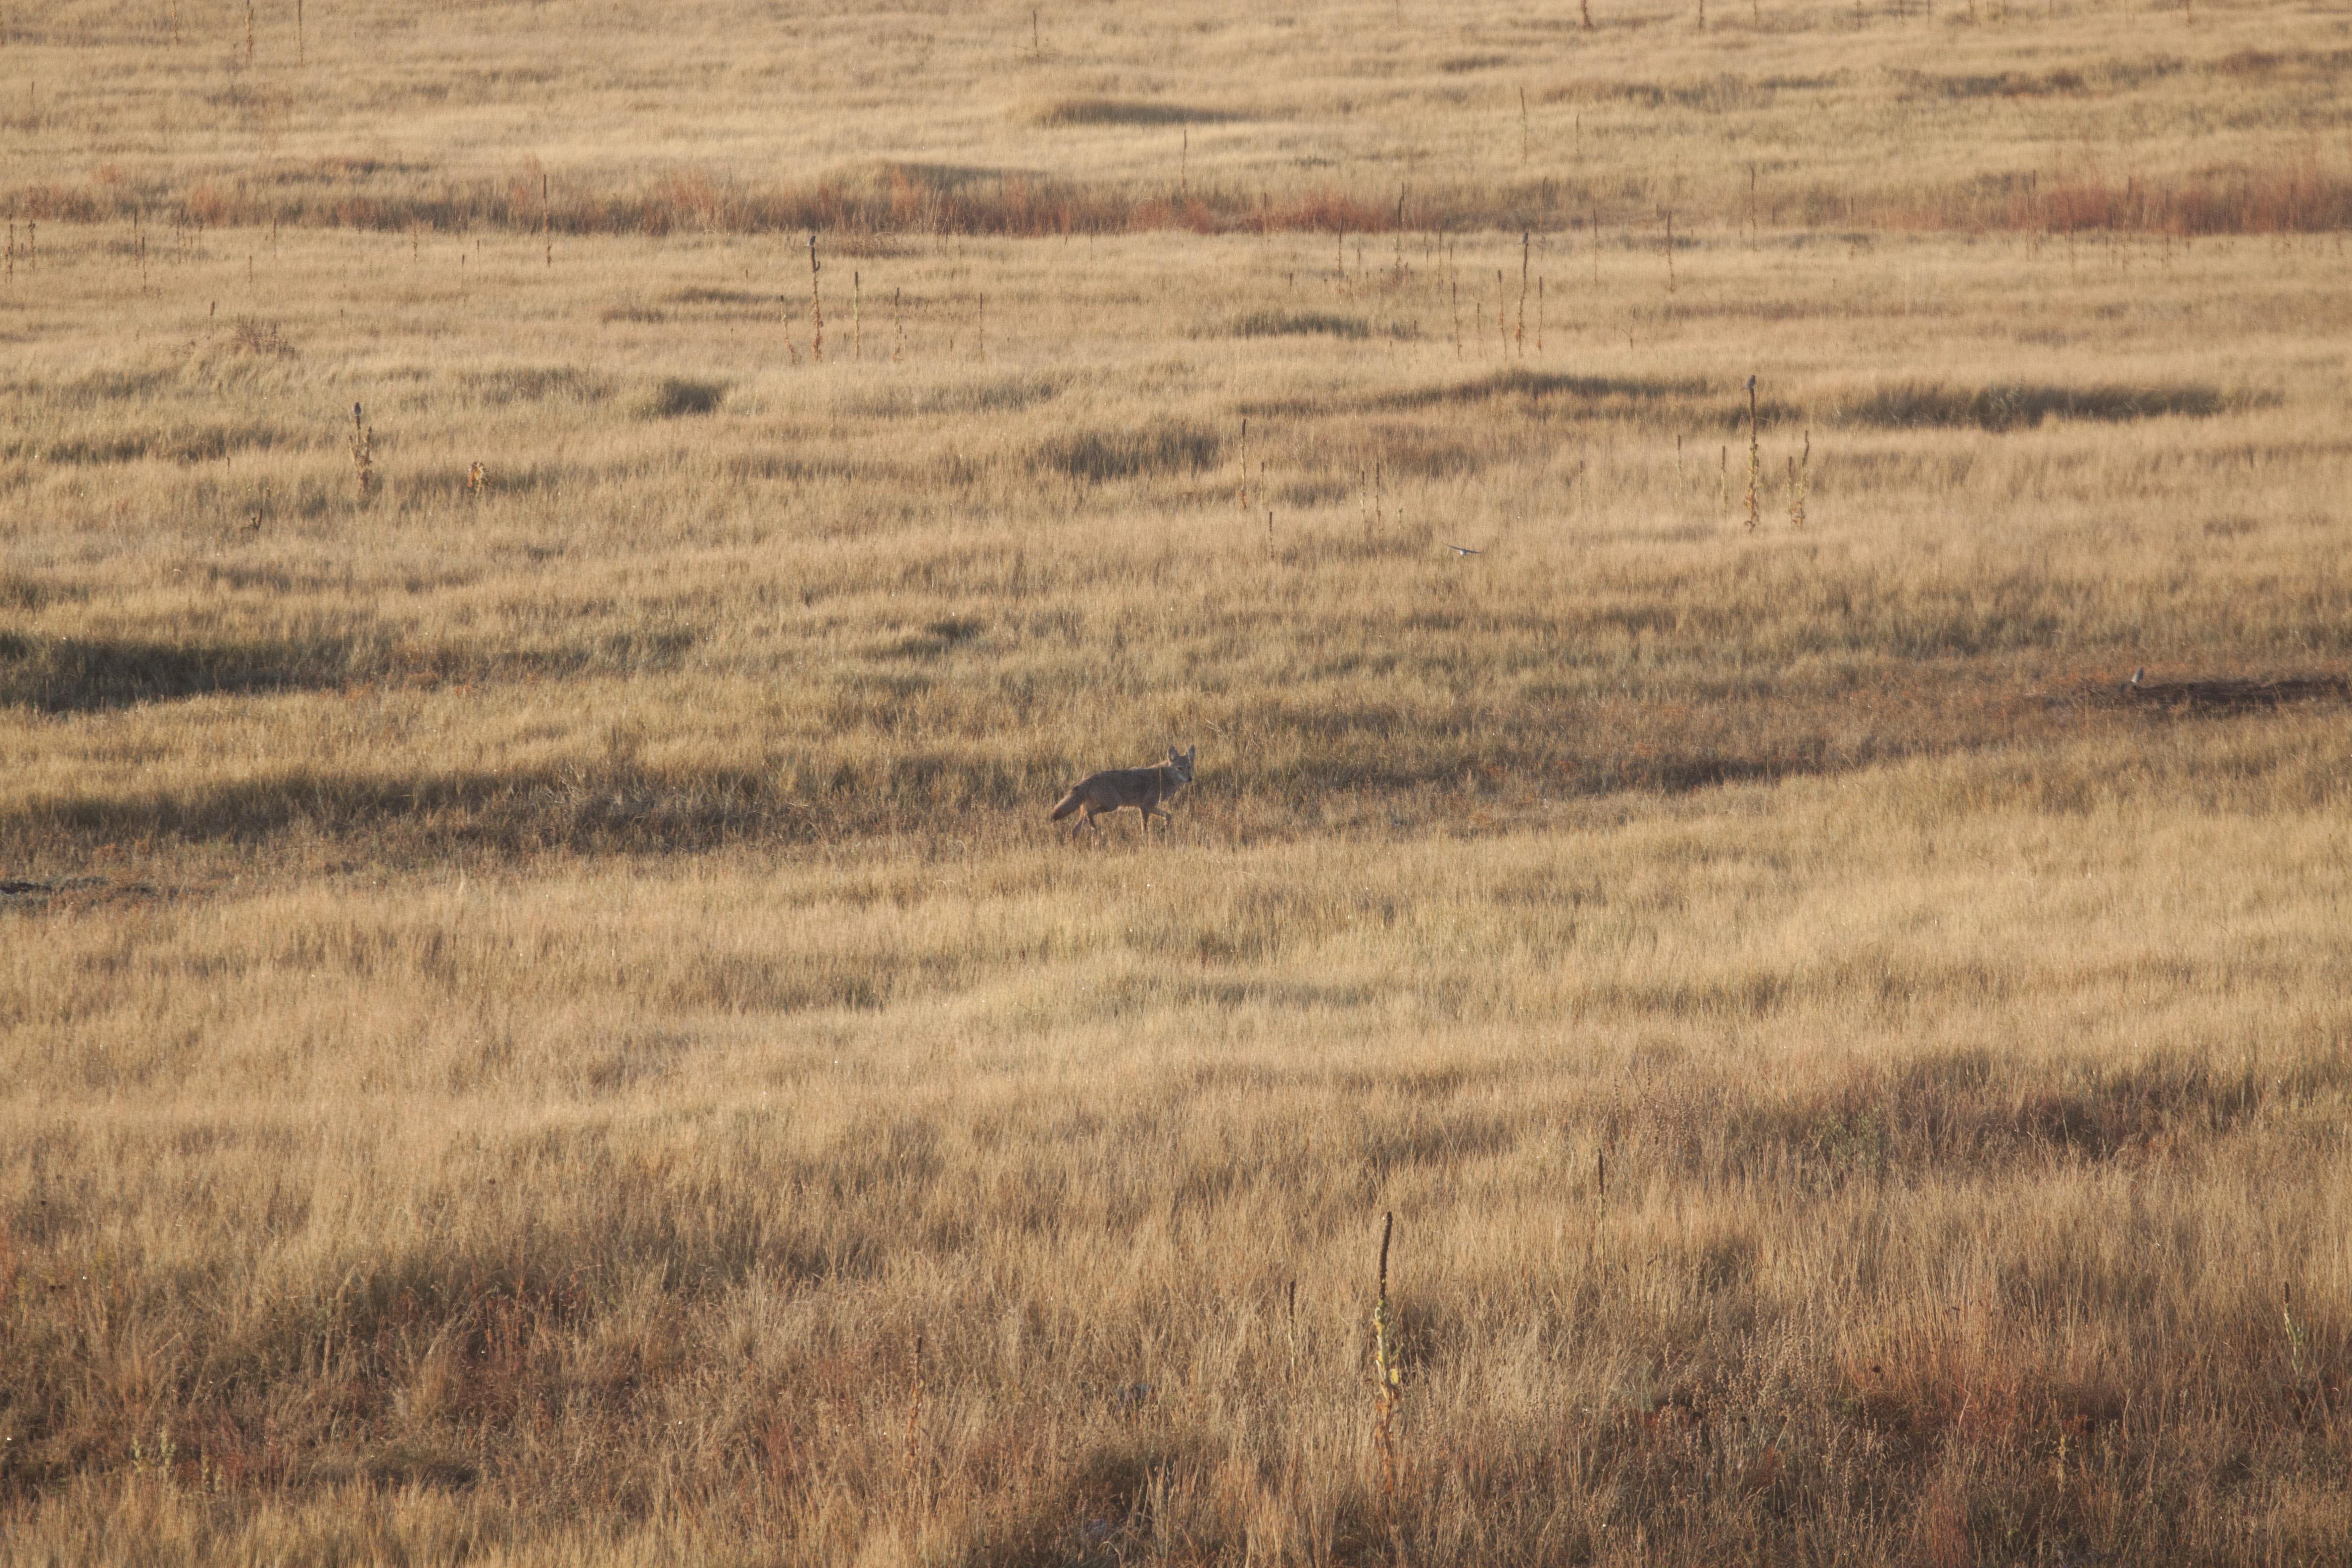 coyote5.jpg